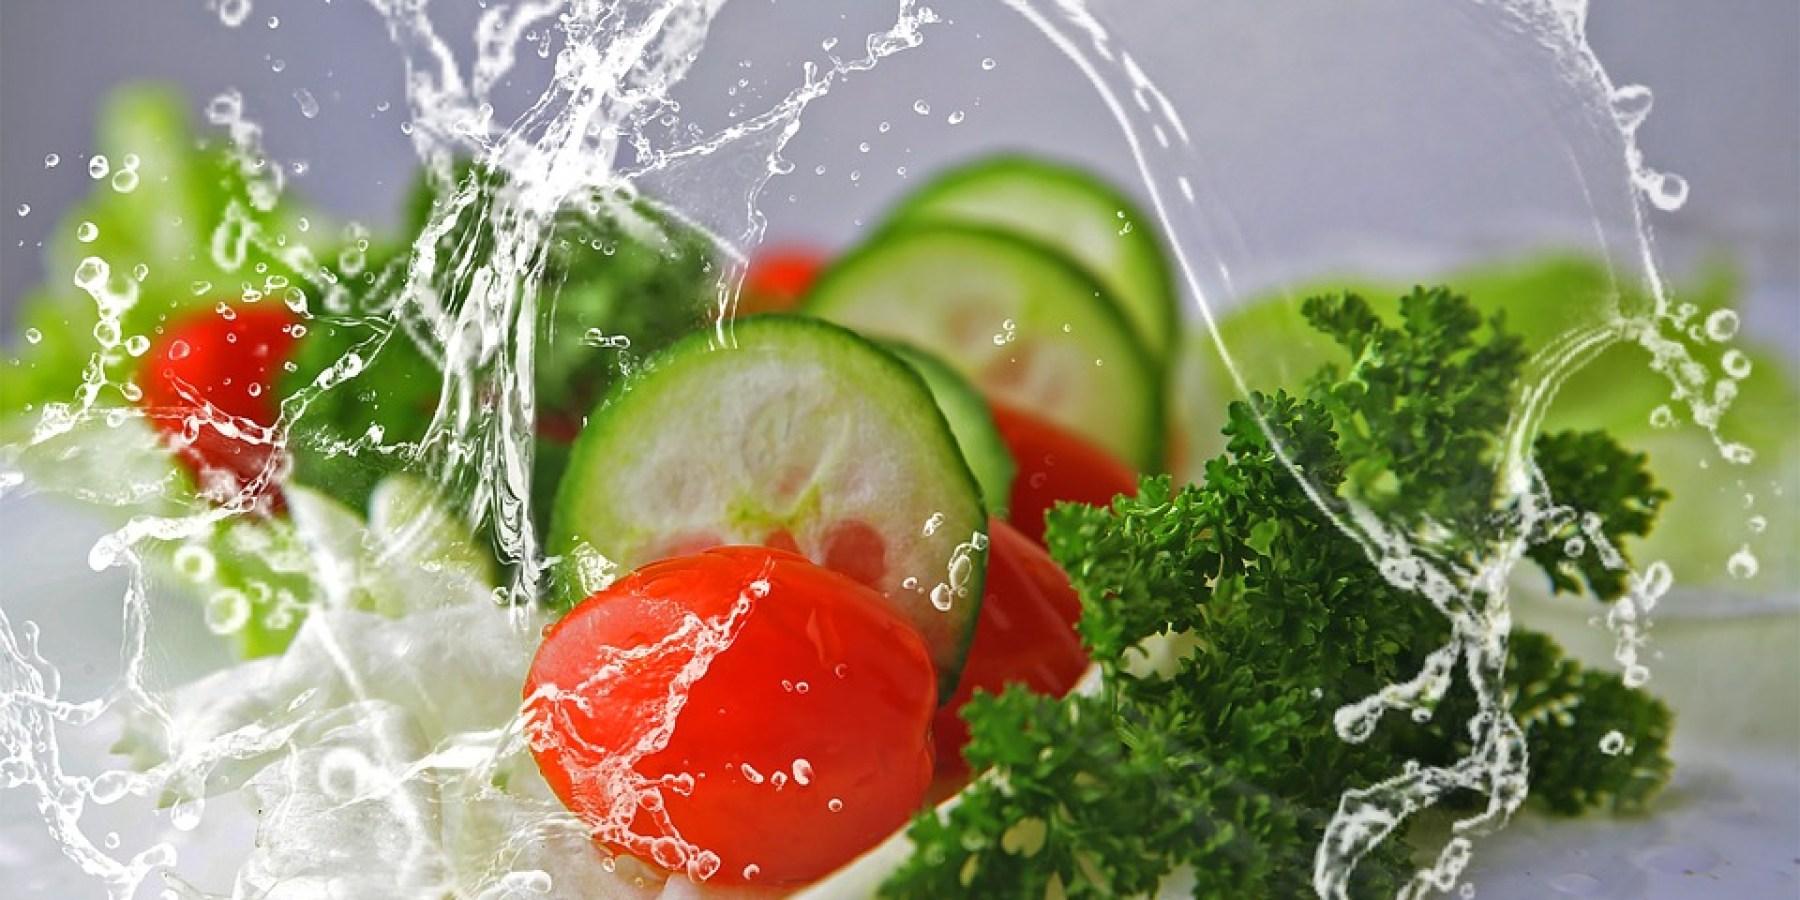 Für 70 Prozent ist Ernährung ein zentraler Faktor für ein langes Leben